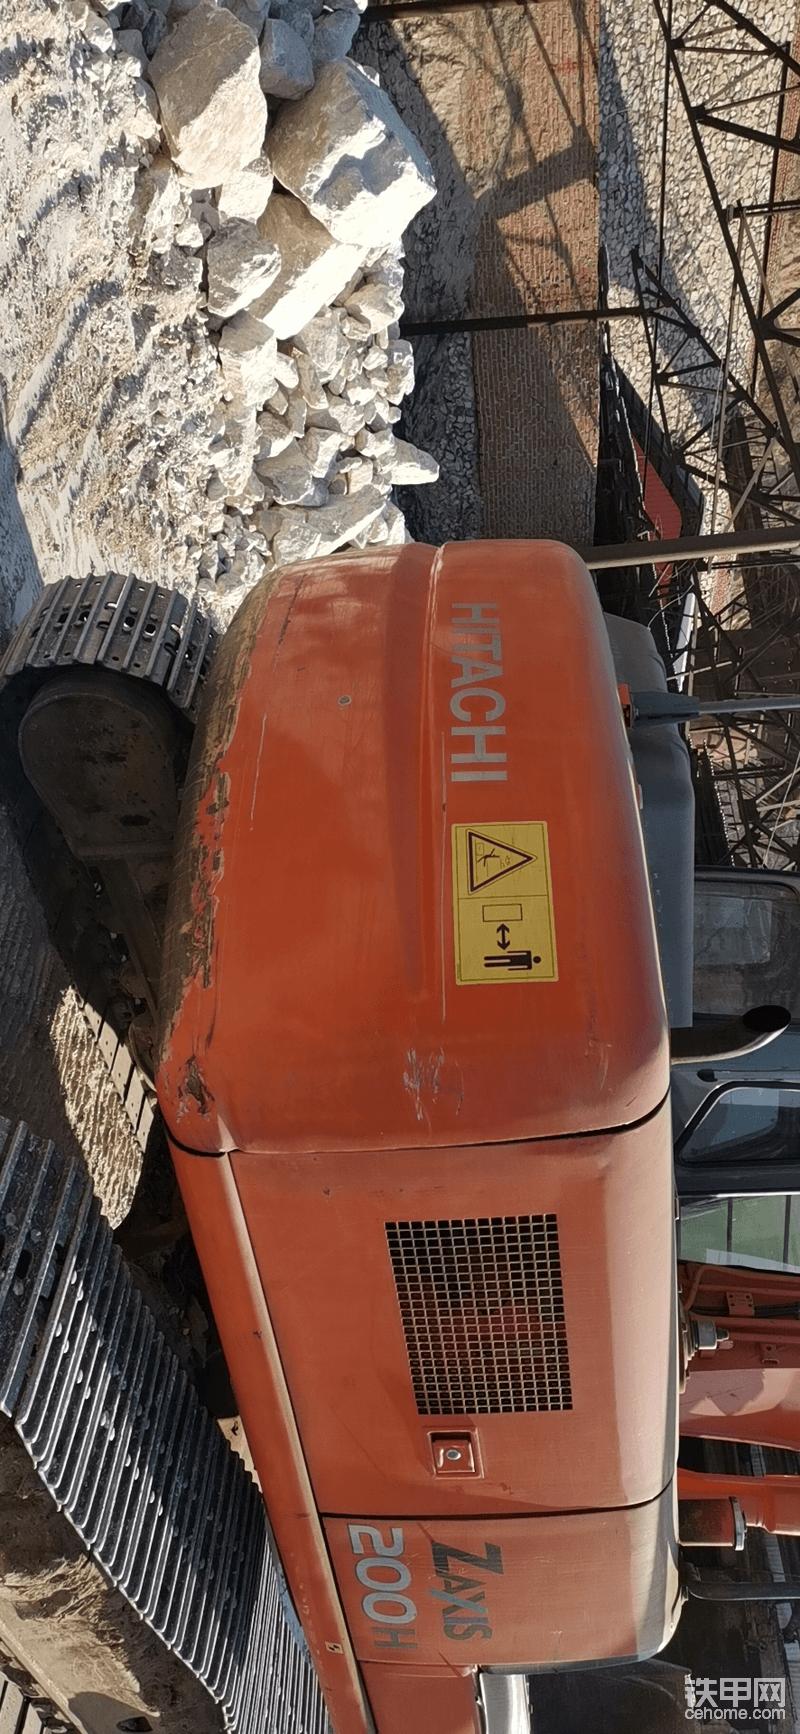 談談挖掘機未來的路分享給要買挖掘機跟沒有買挖掘機的朋友-帖子圖片